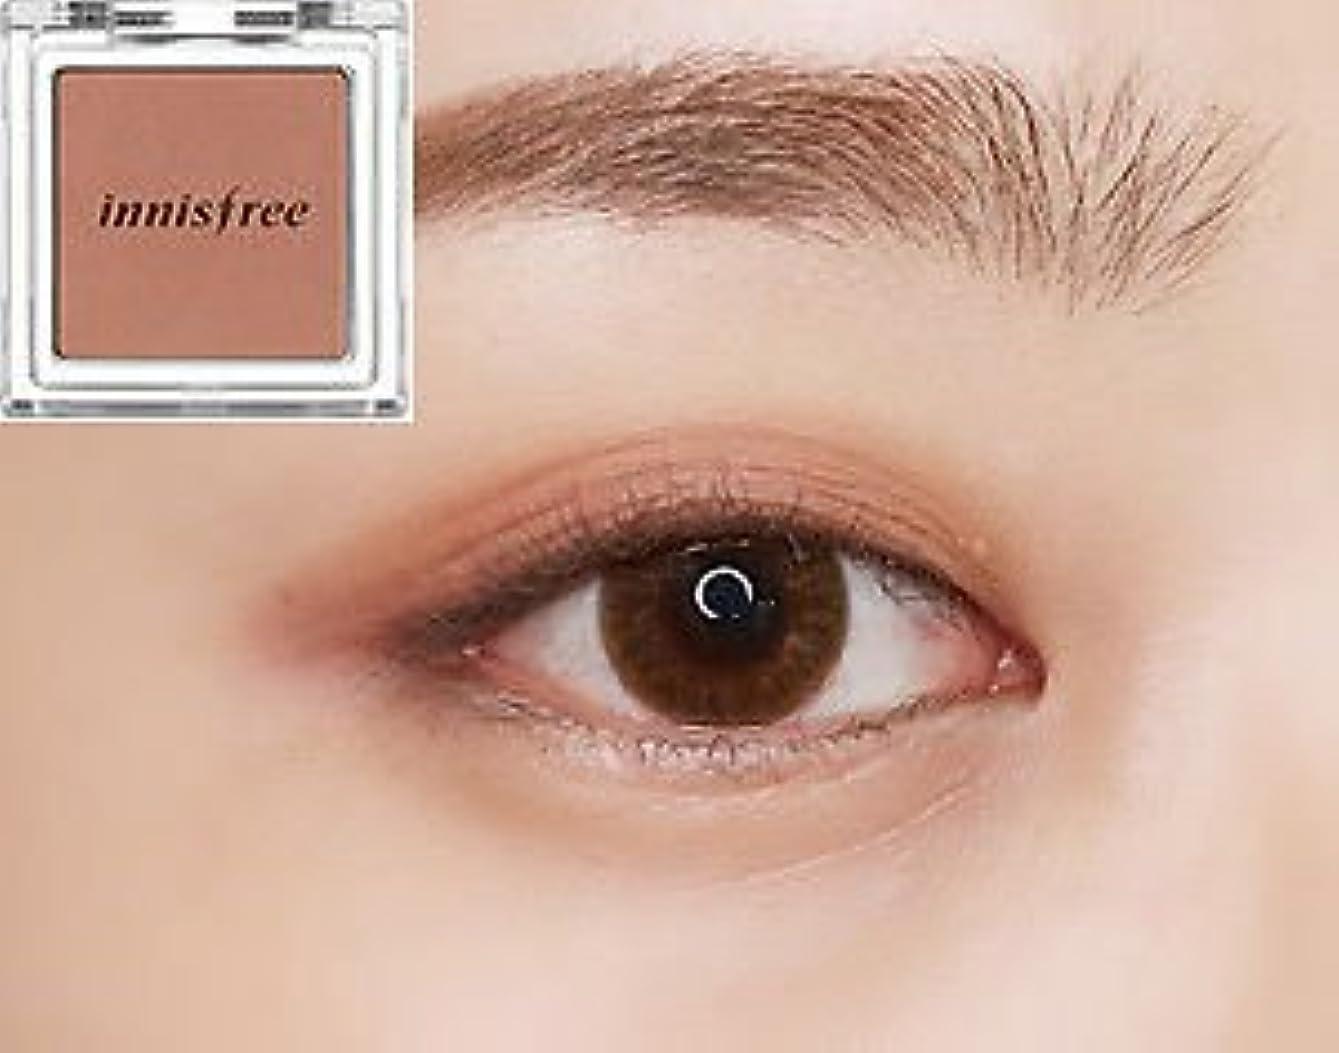 一般化するラメますます[イニスフリー] innisfree [マイ パレット マイ アイシャドウ (マット) 40カラー] MY PALETTE My Eyeshadow (Matte) 40 Shades [海外直送品] (マット #23)